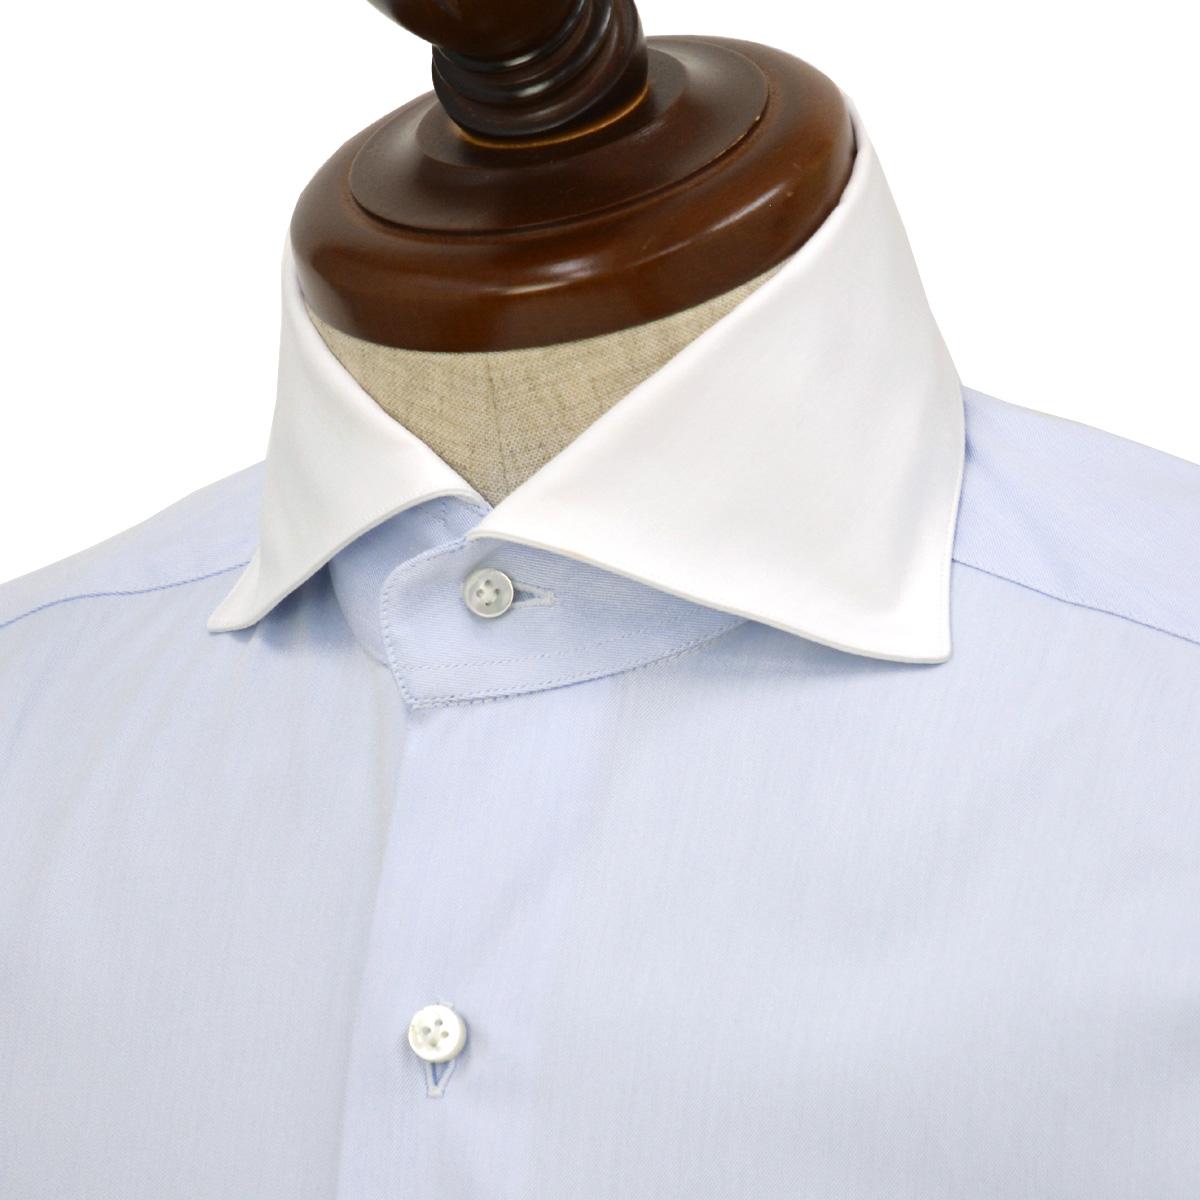 BARBA【バルバ】ドレスシャツ BRUNO I1U262552803U フラシ コットン クレリック ツイル ブルー×ホワイト